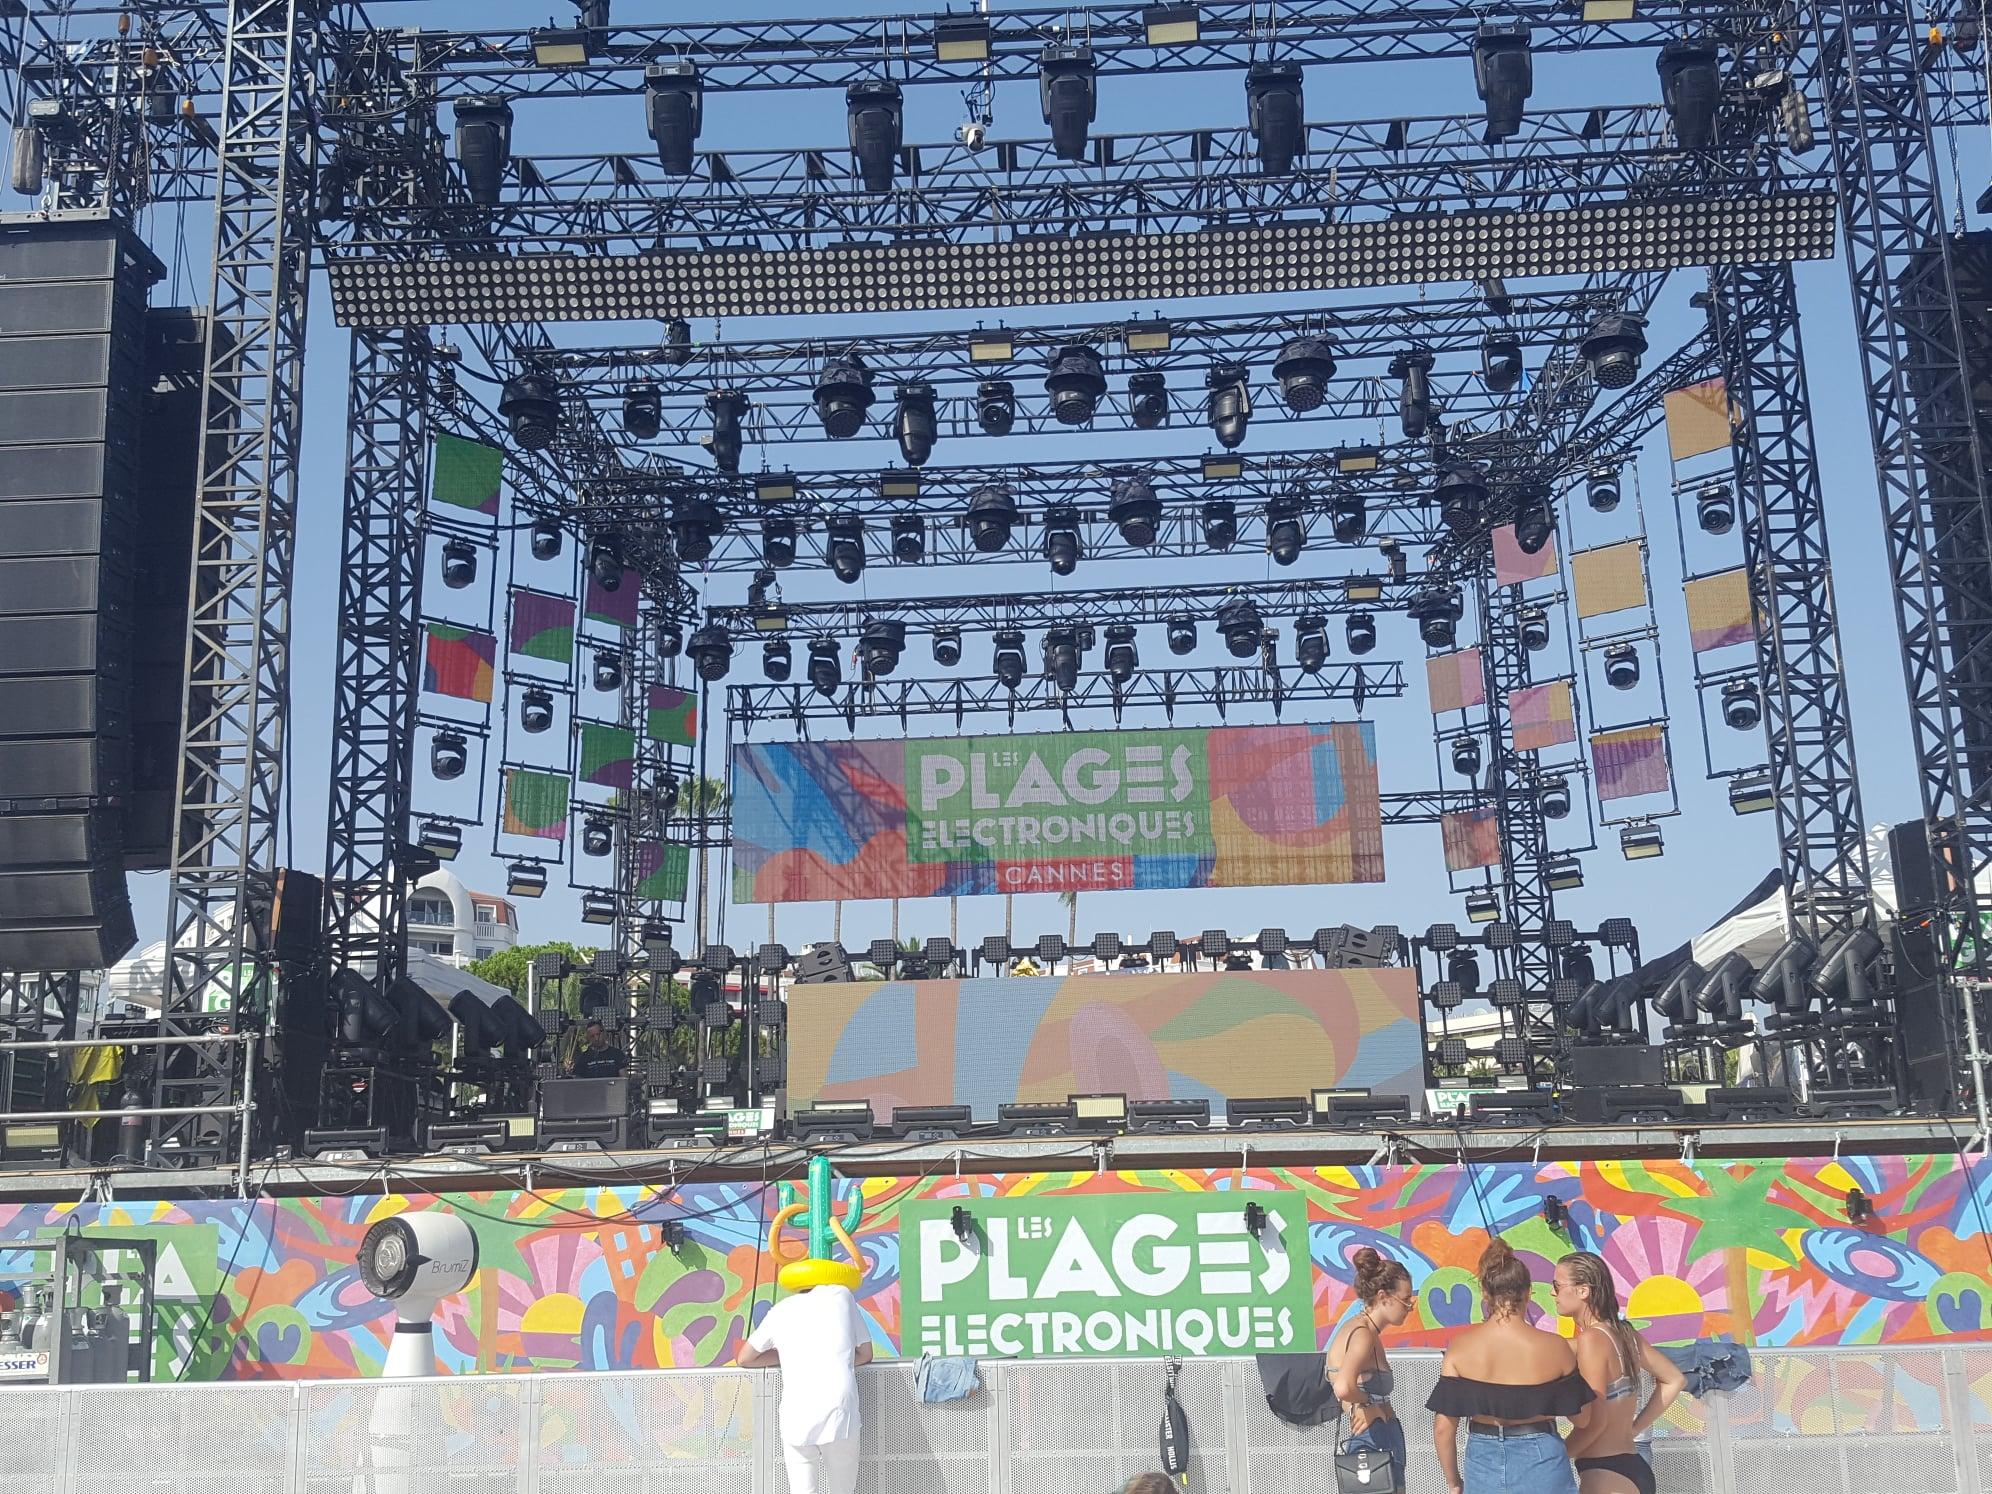 Les Plages électroniques - Cannes - 11 août 2019 - Dance floor